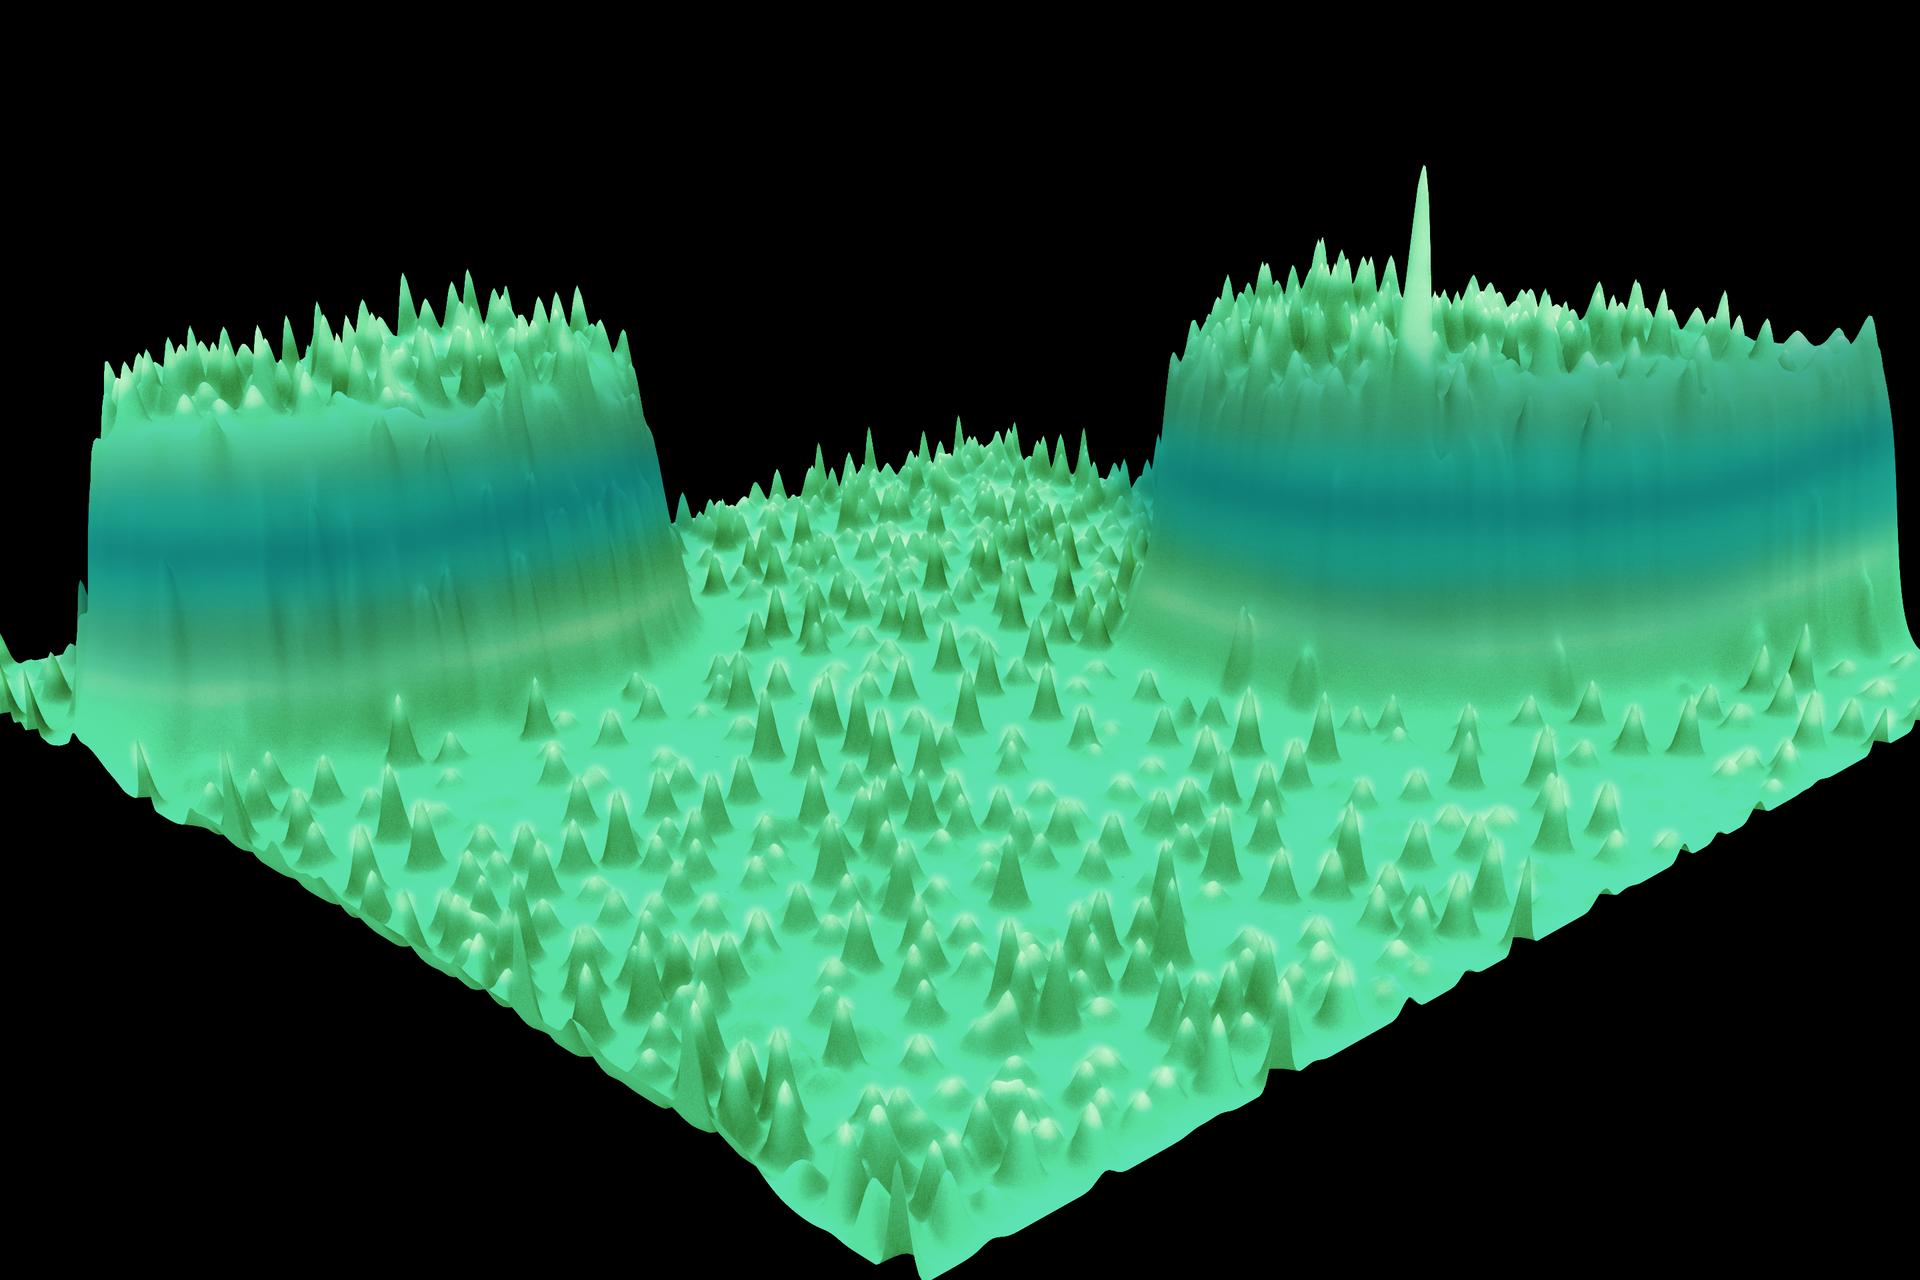 Schemat przedstawia trójwymiarowy makroskopowy obraz atomów.